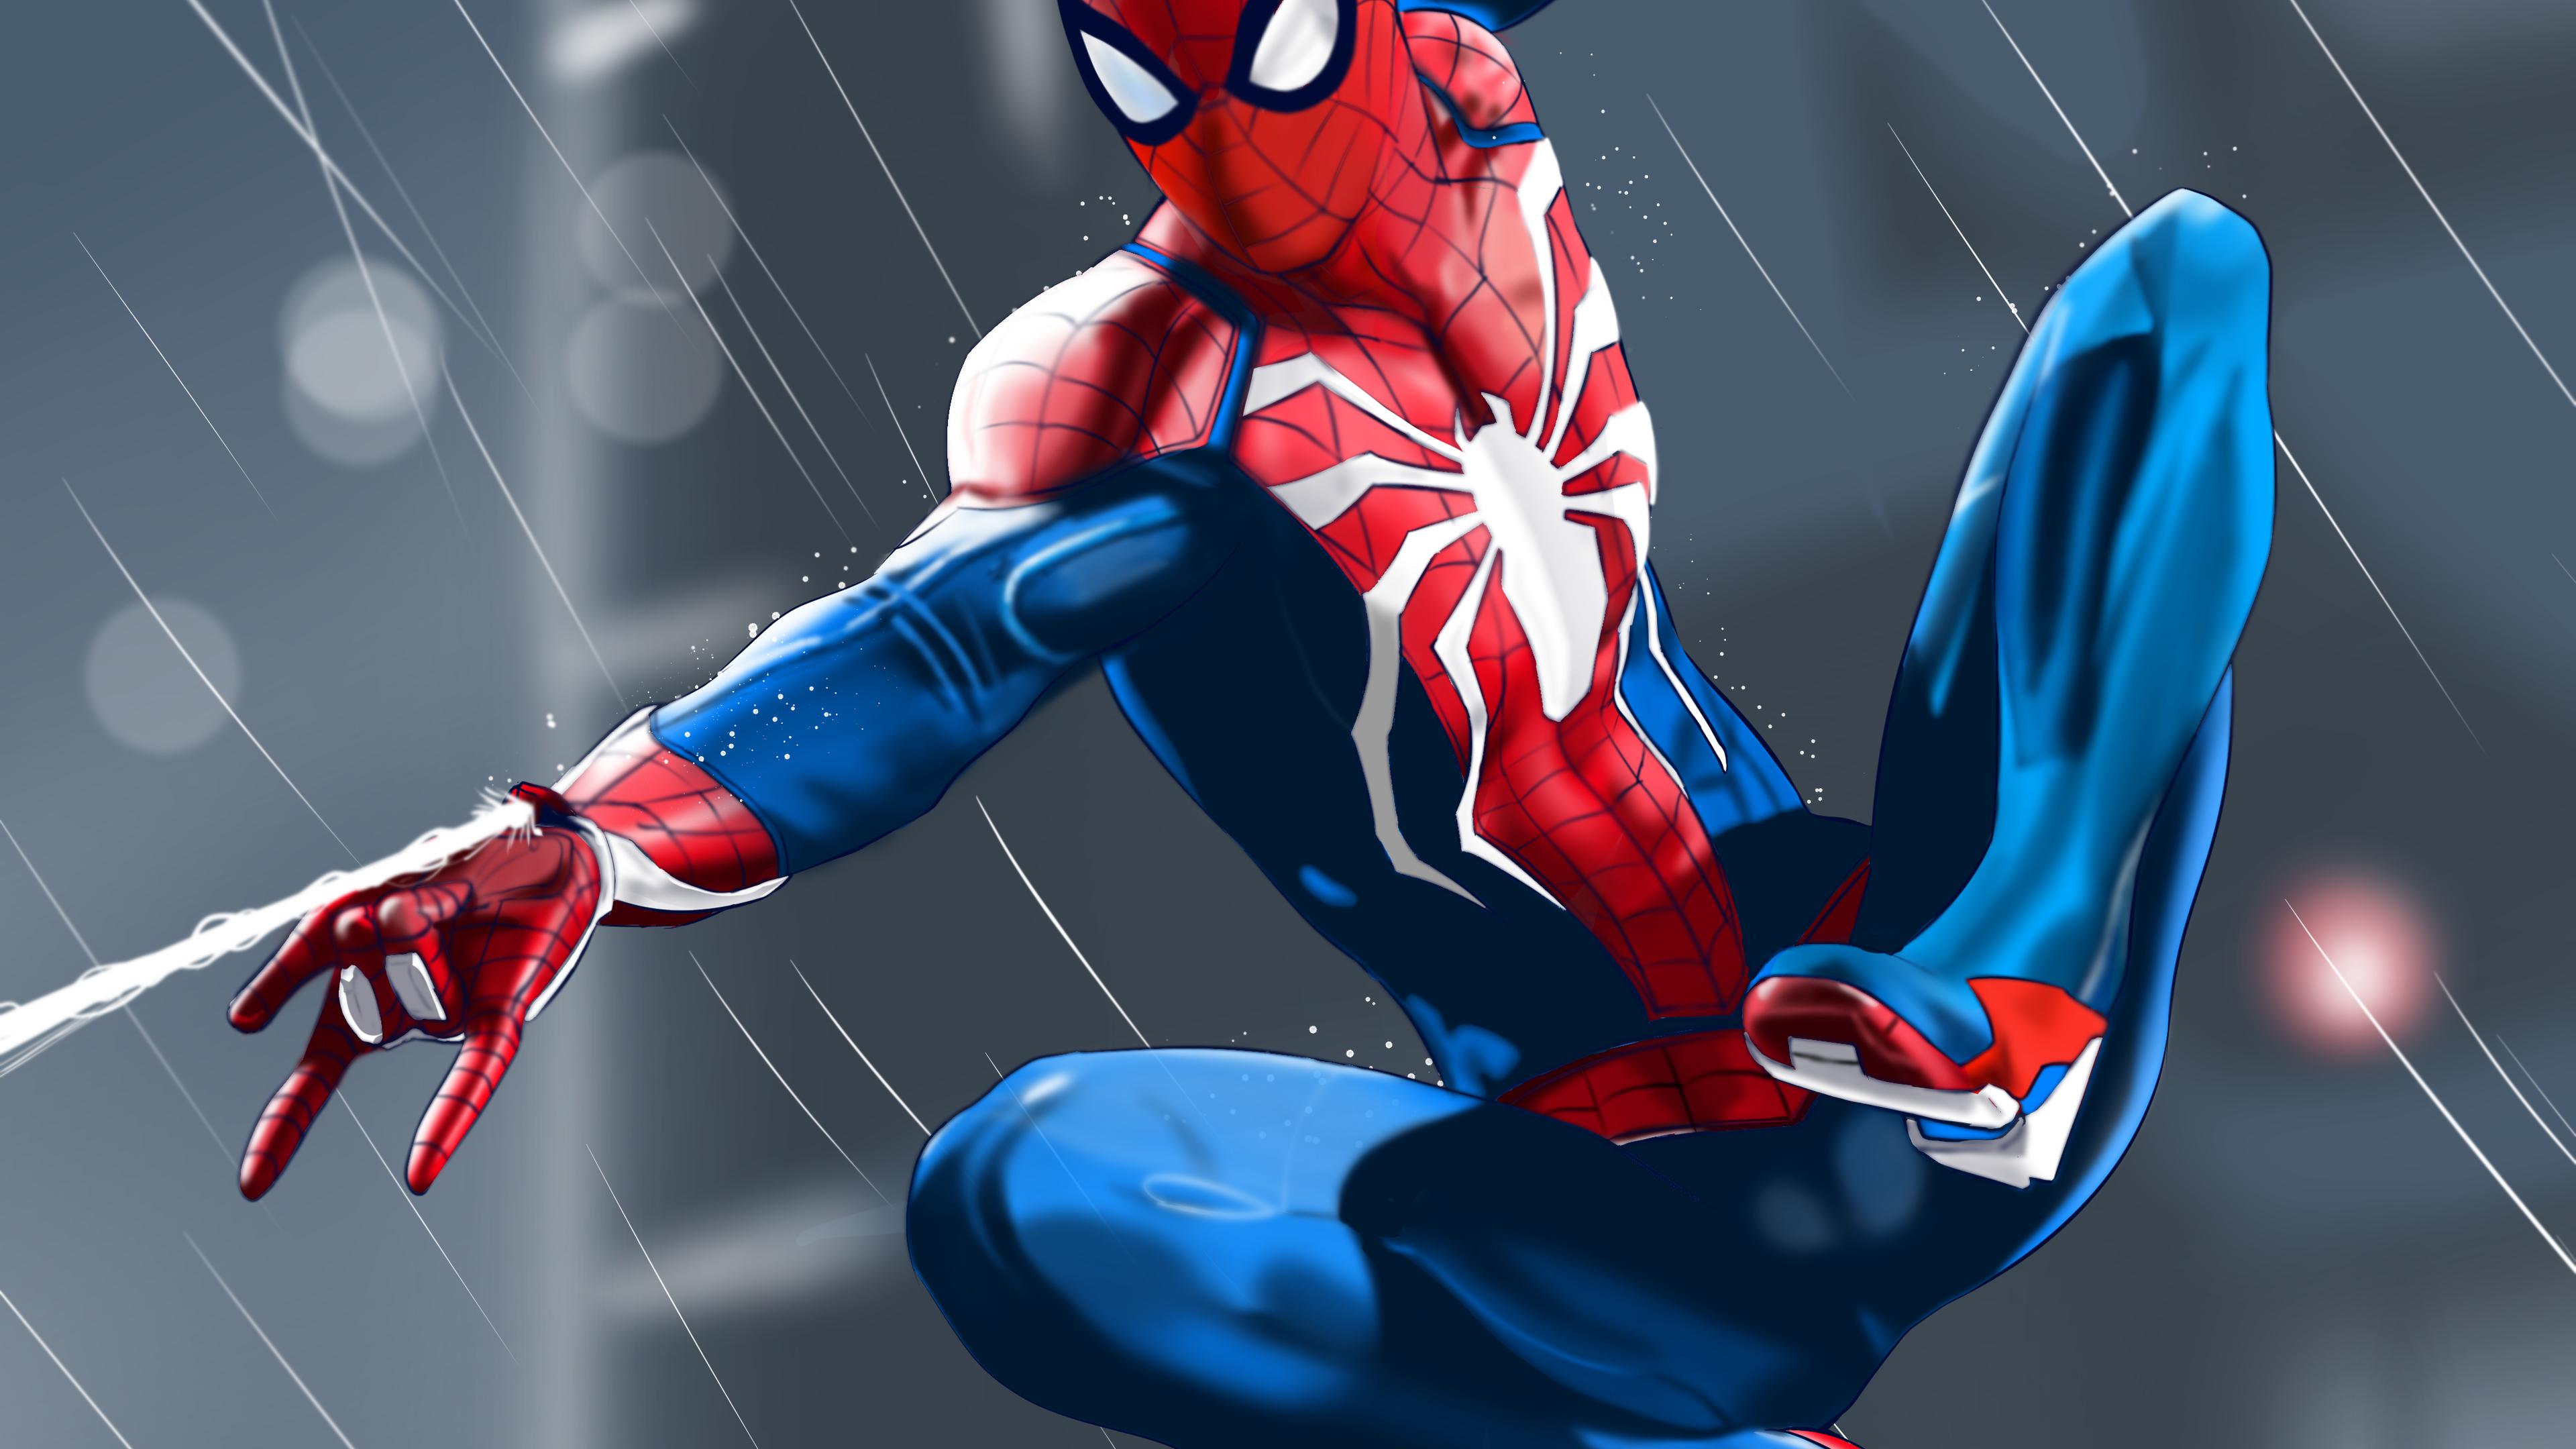 Spider Man 4k superheroes wallpapers, spiderman wallpapers ...